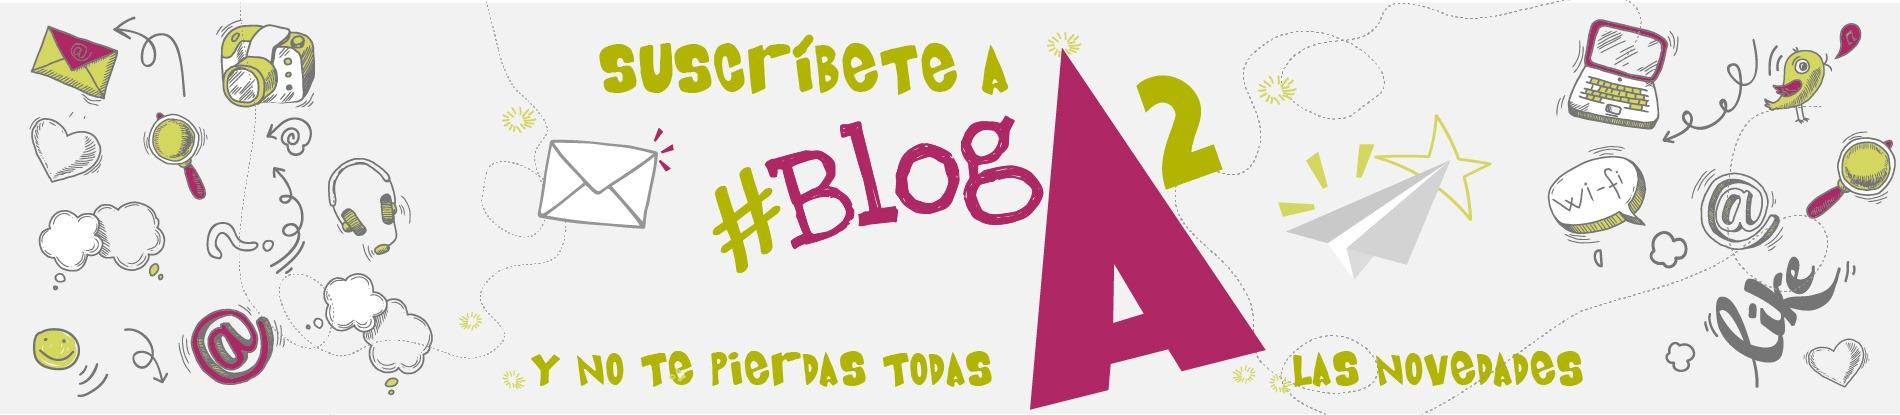 suscribete-nuestro-blog